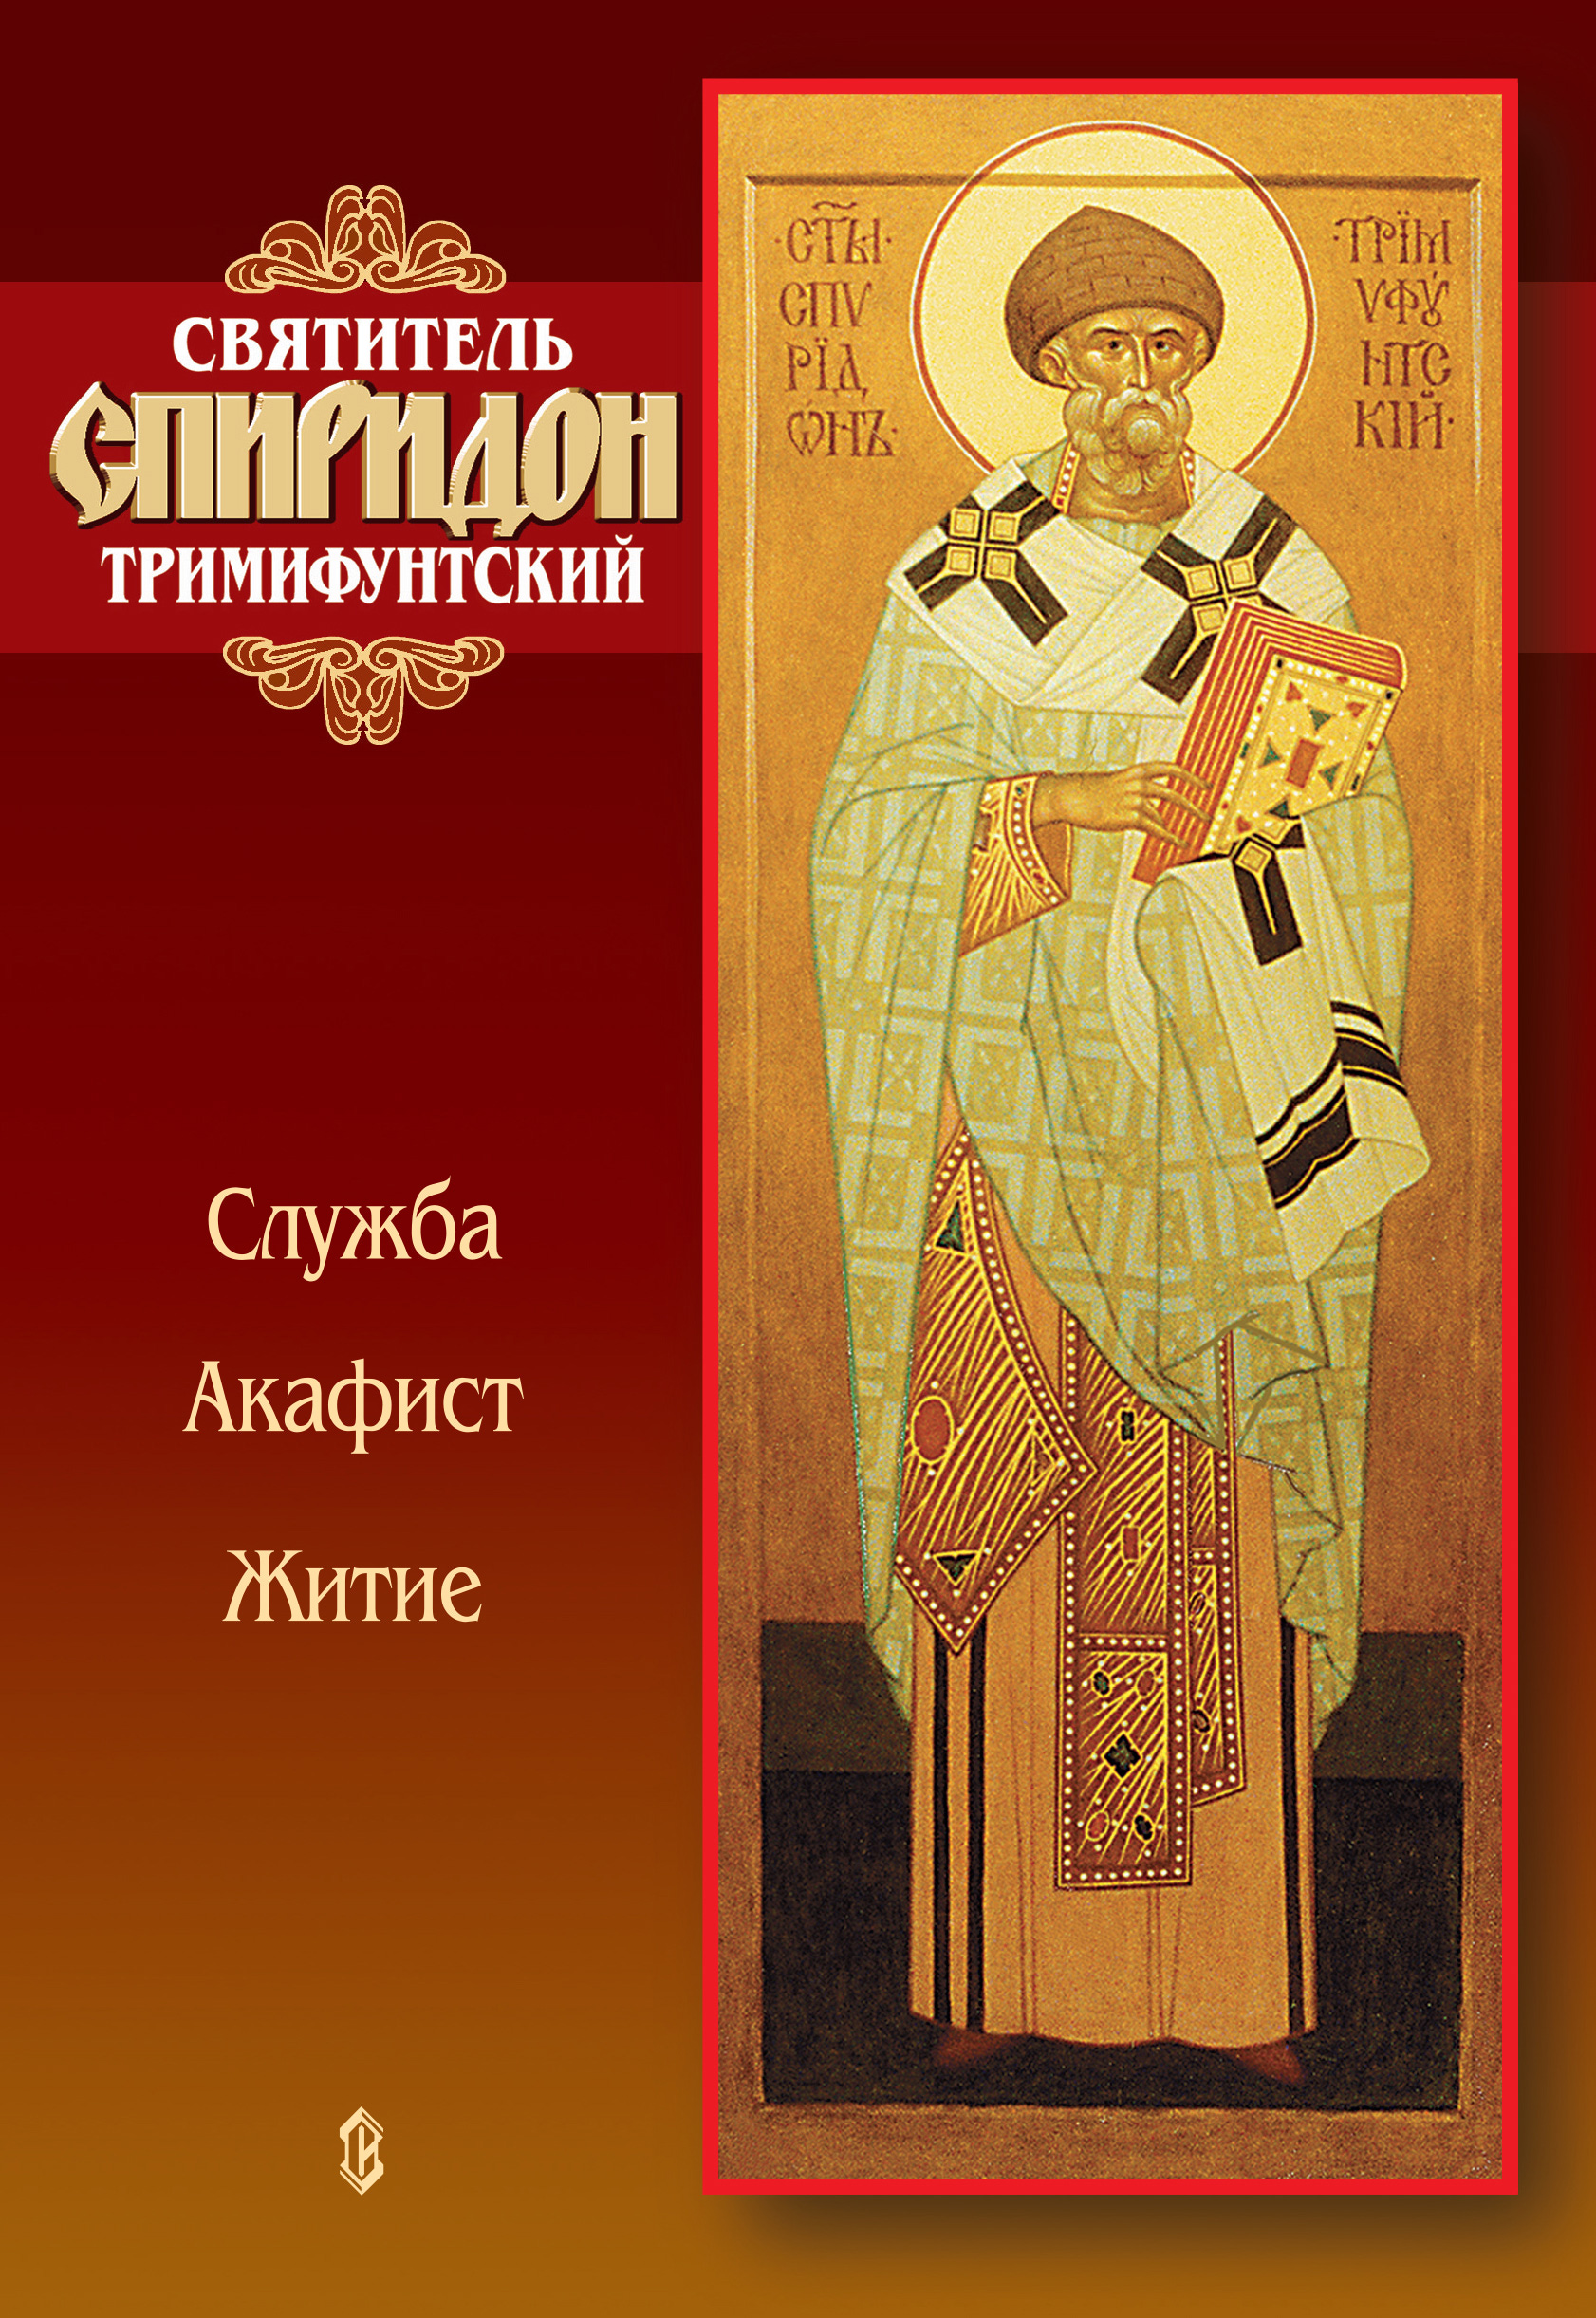 Святитель Спиридон Тримифунтский. Служба, акафист, житие